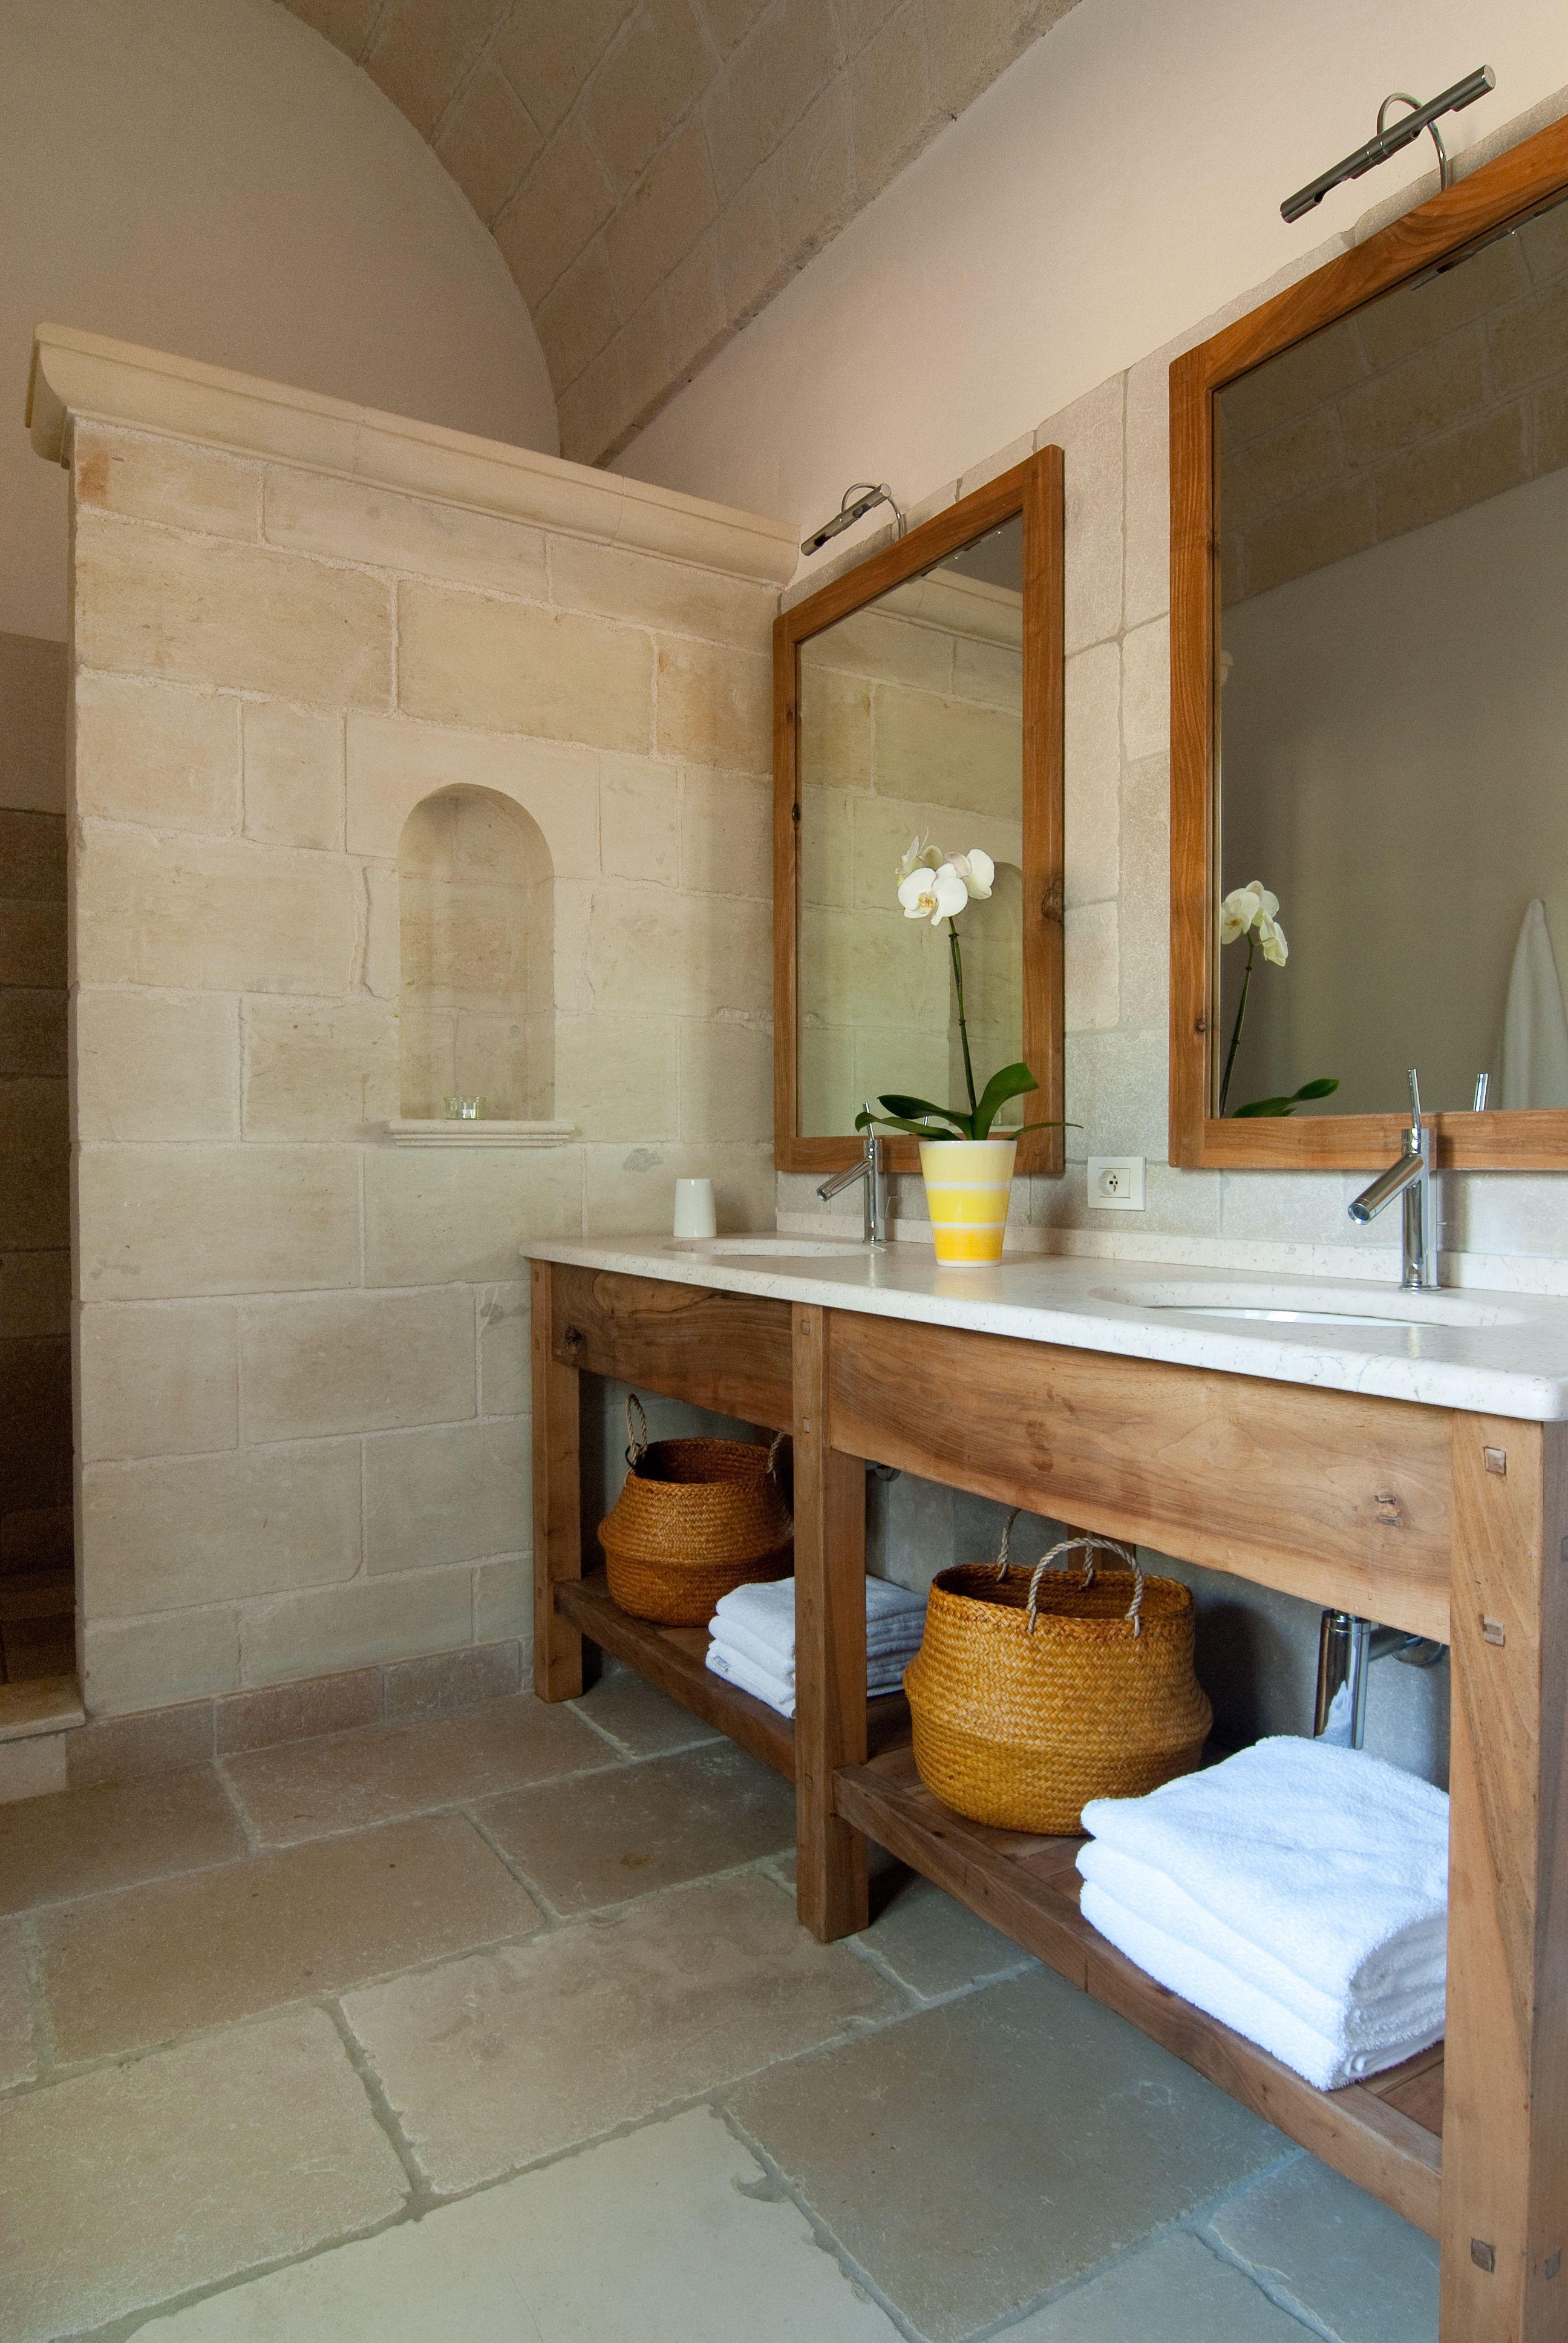 Mobile da bagno in noce nazionale massello con top in marmo spazzolato e due lavabi sottopiano - Bagno con due lavabi ...